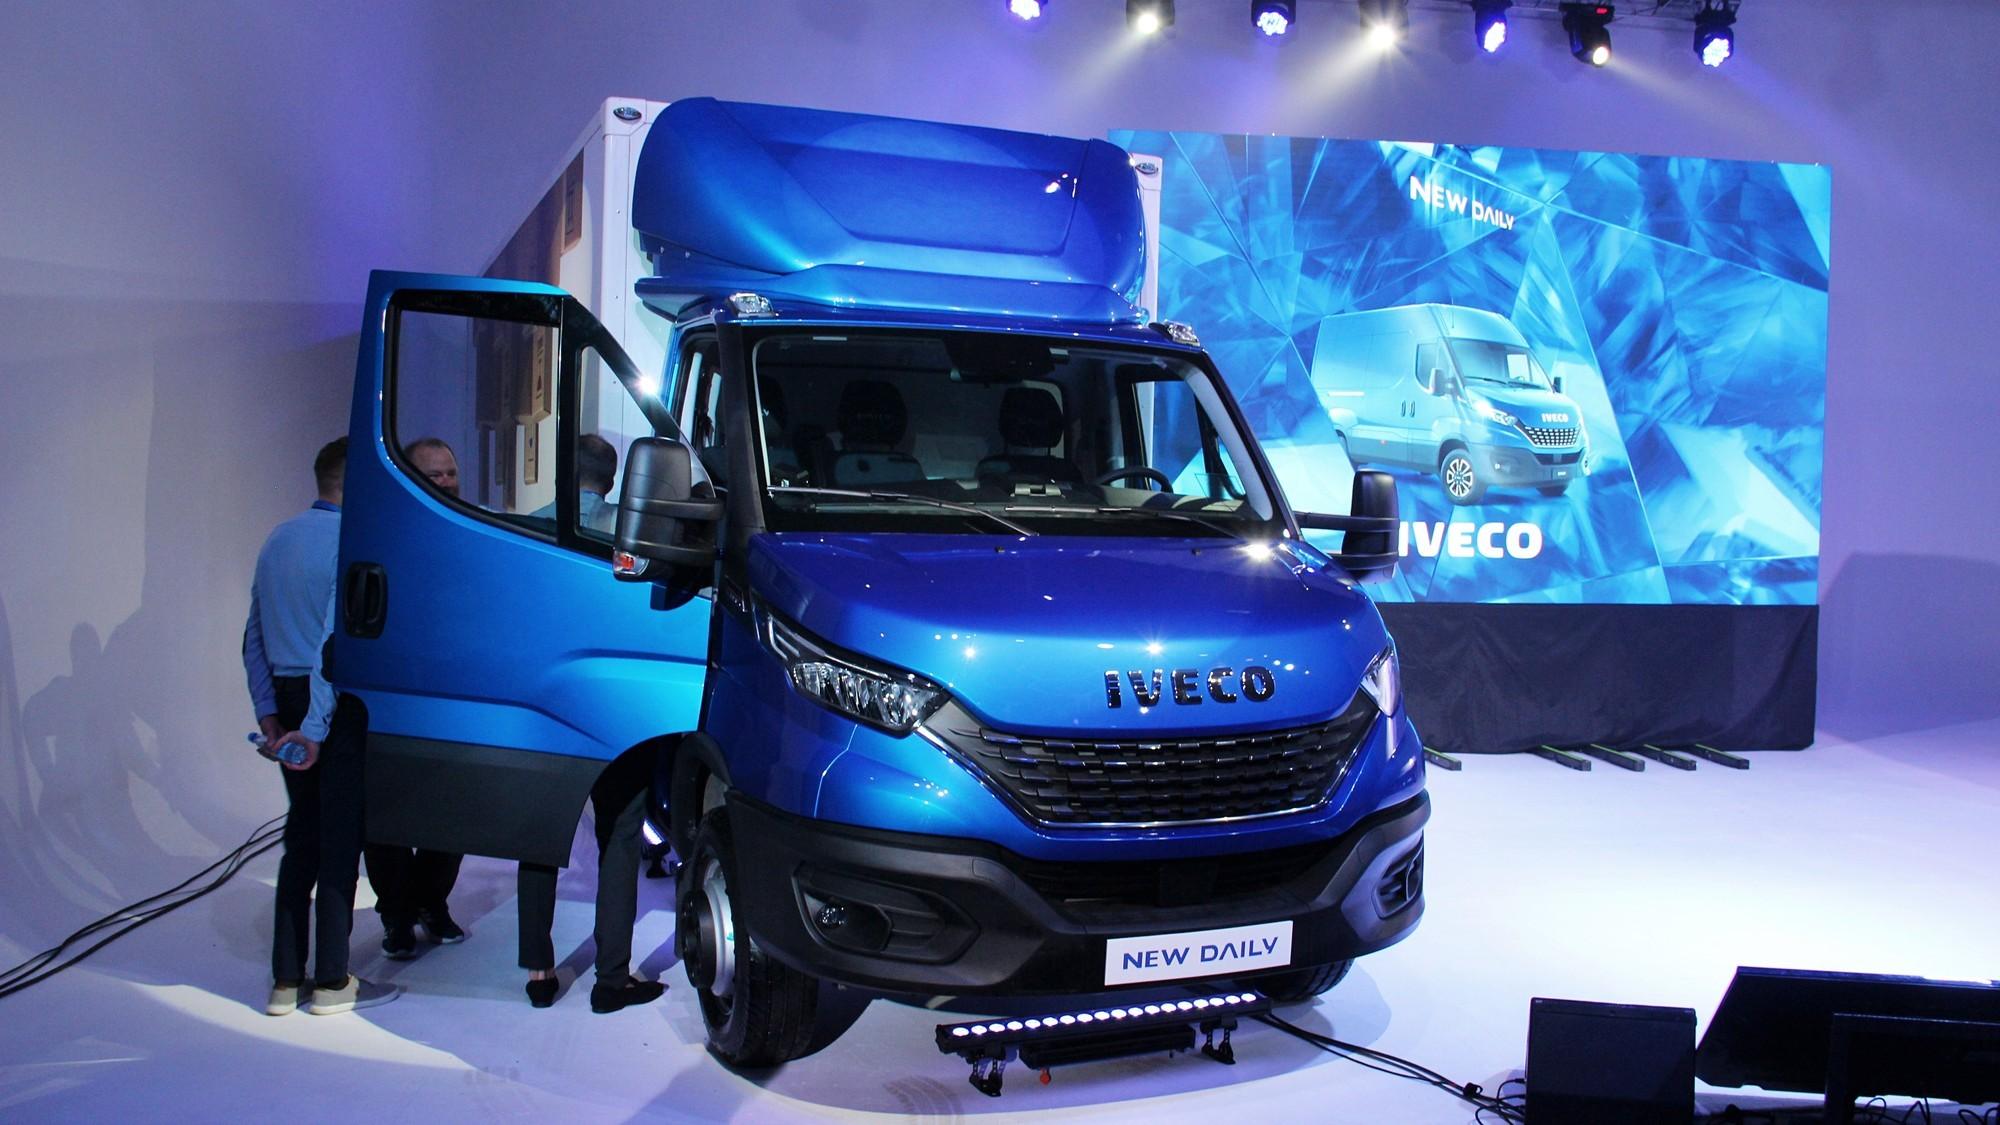 Обновлённый Iveco Daily добрался до РФ: дизайн 2019 года и электронные ассистенты